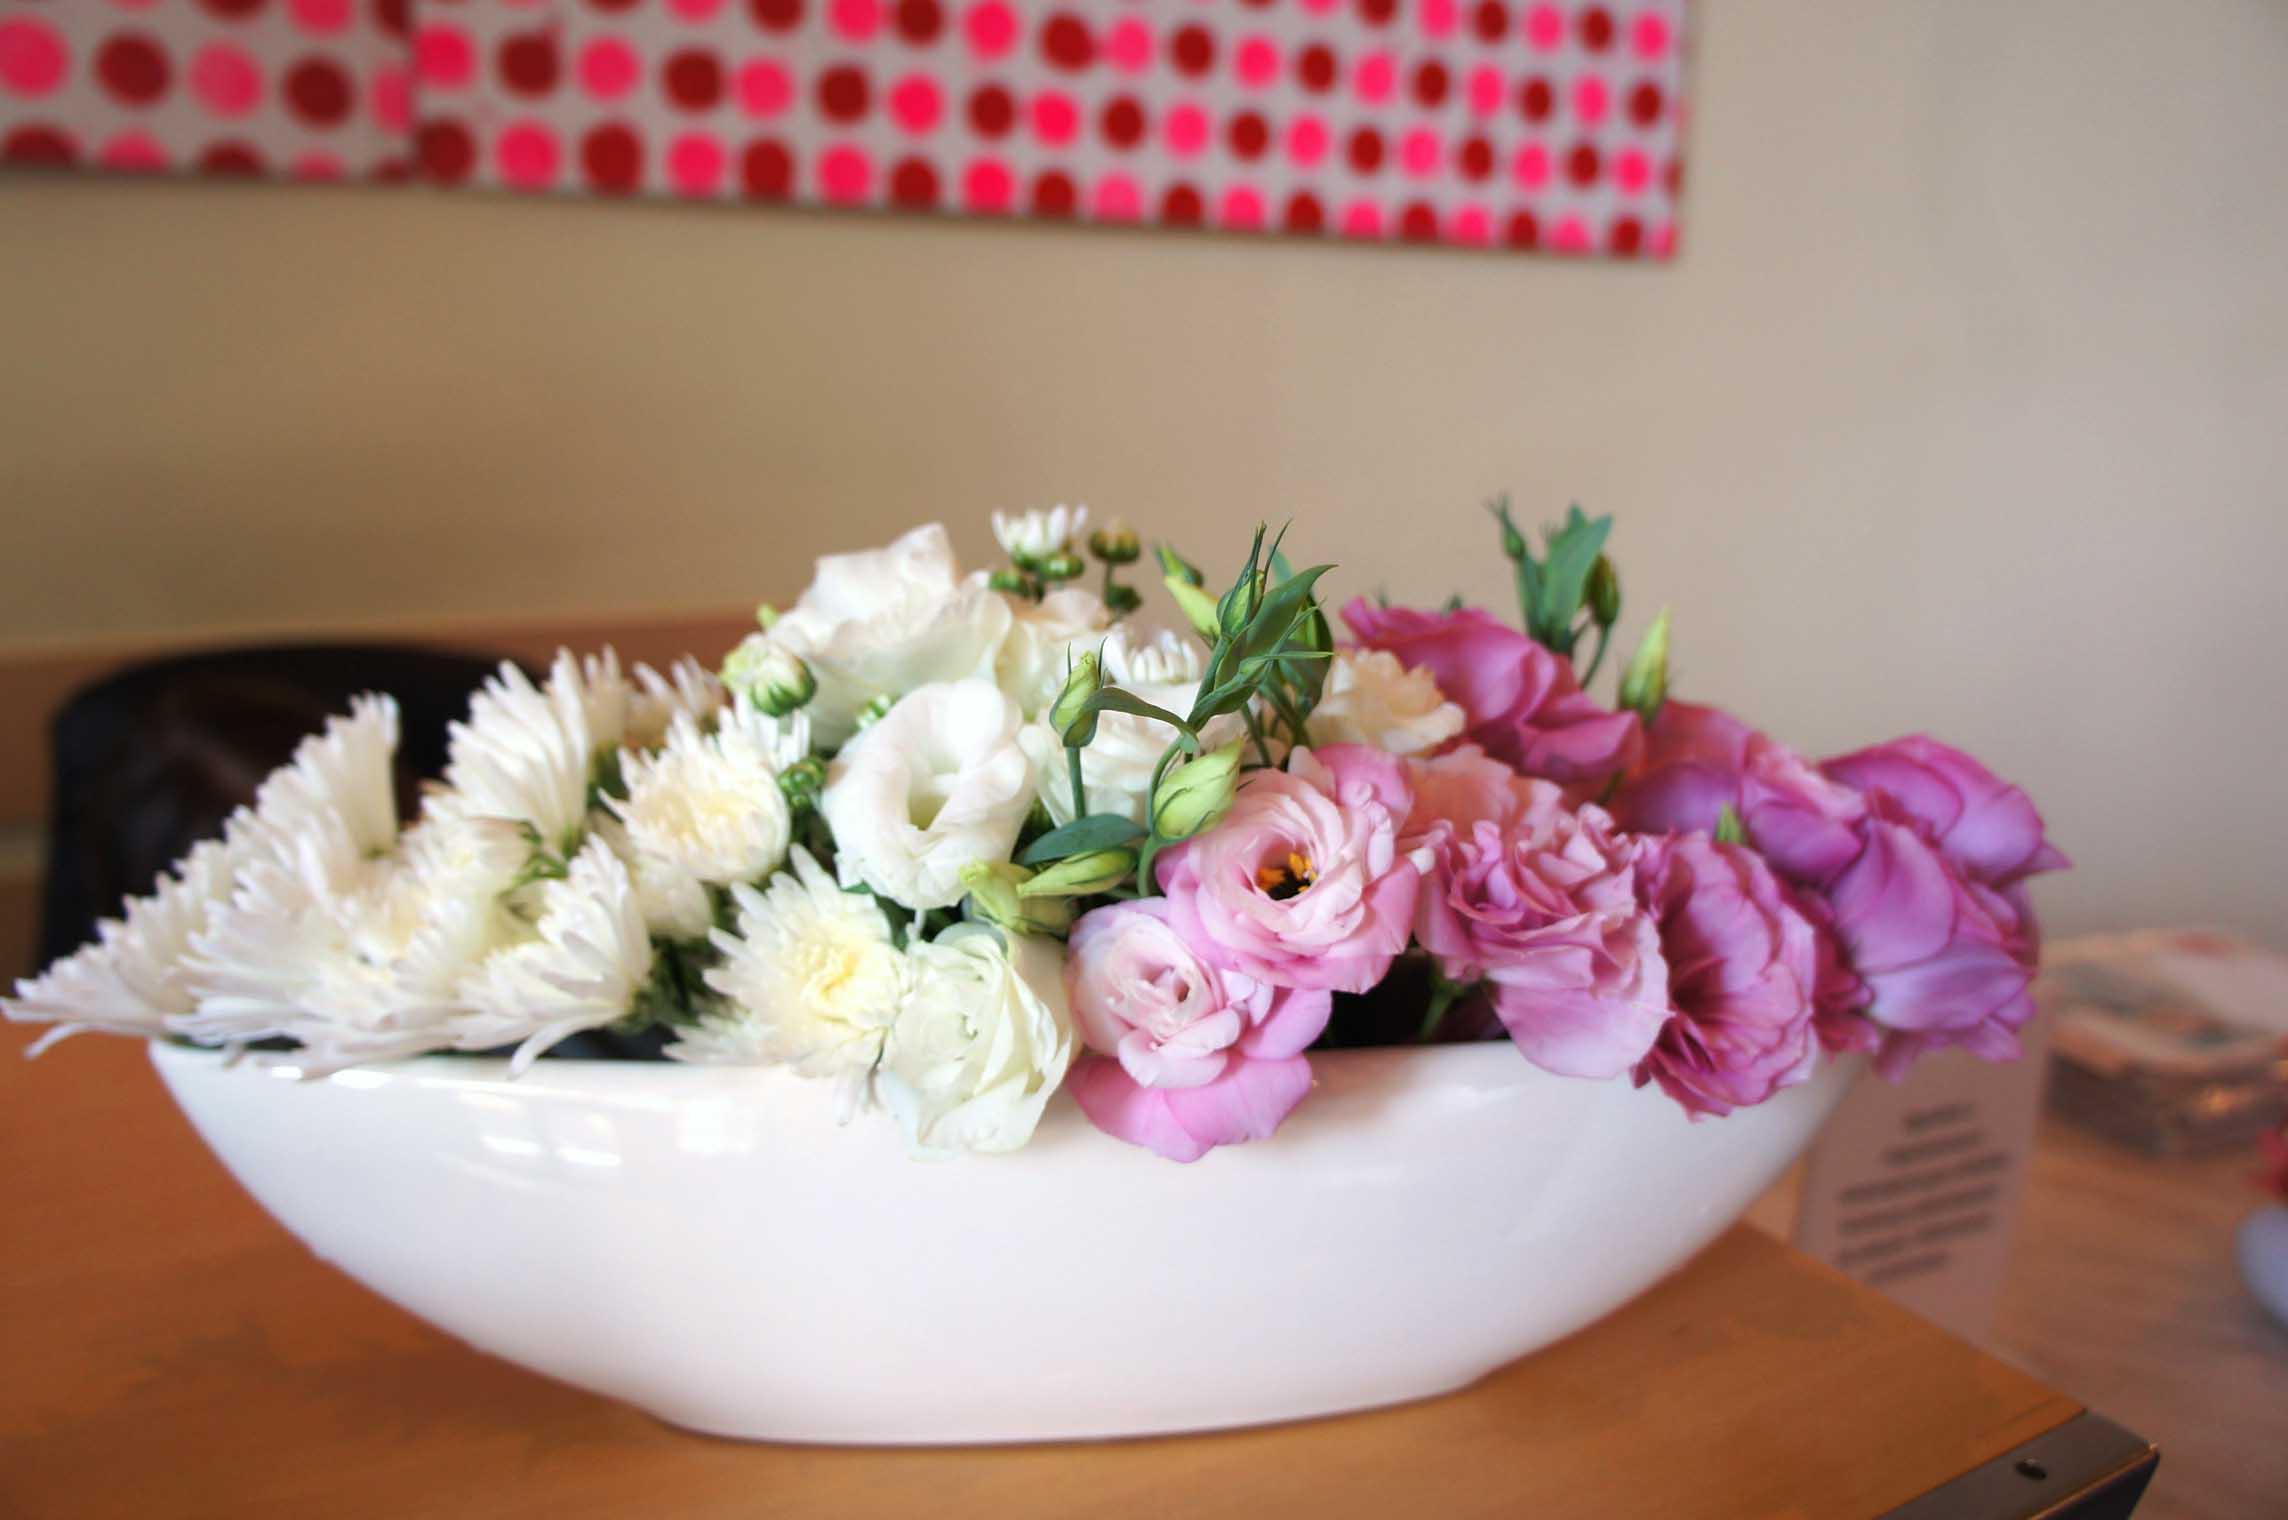 podłużna, wycieniowana kolorem kompozycja z kwiatów eustomy